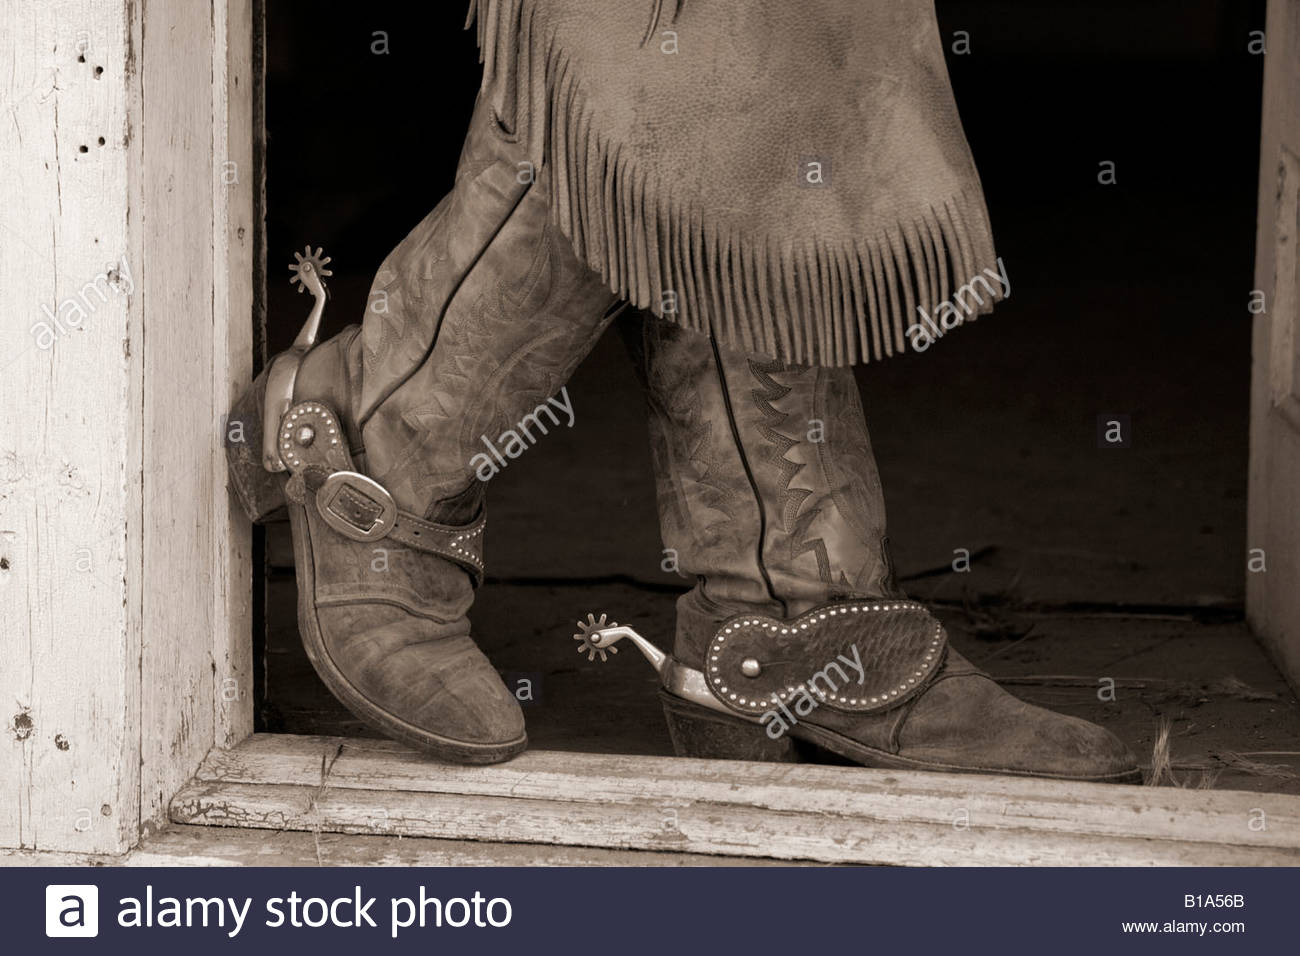 Cowboy Boot in Doorway, Wyoming - Stock Image